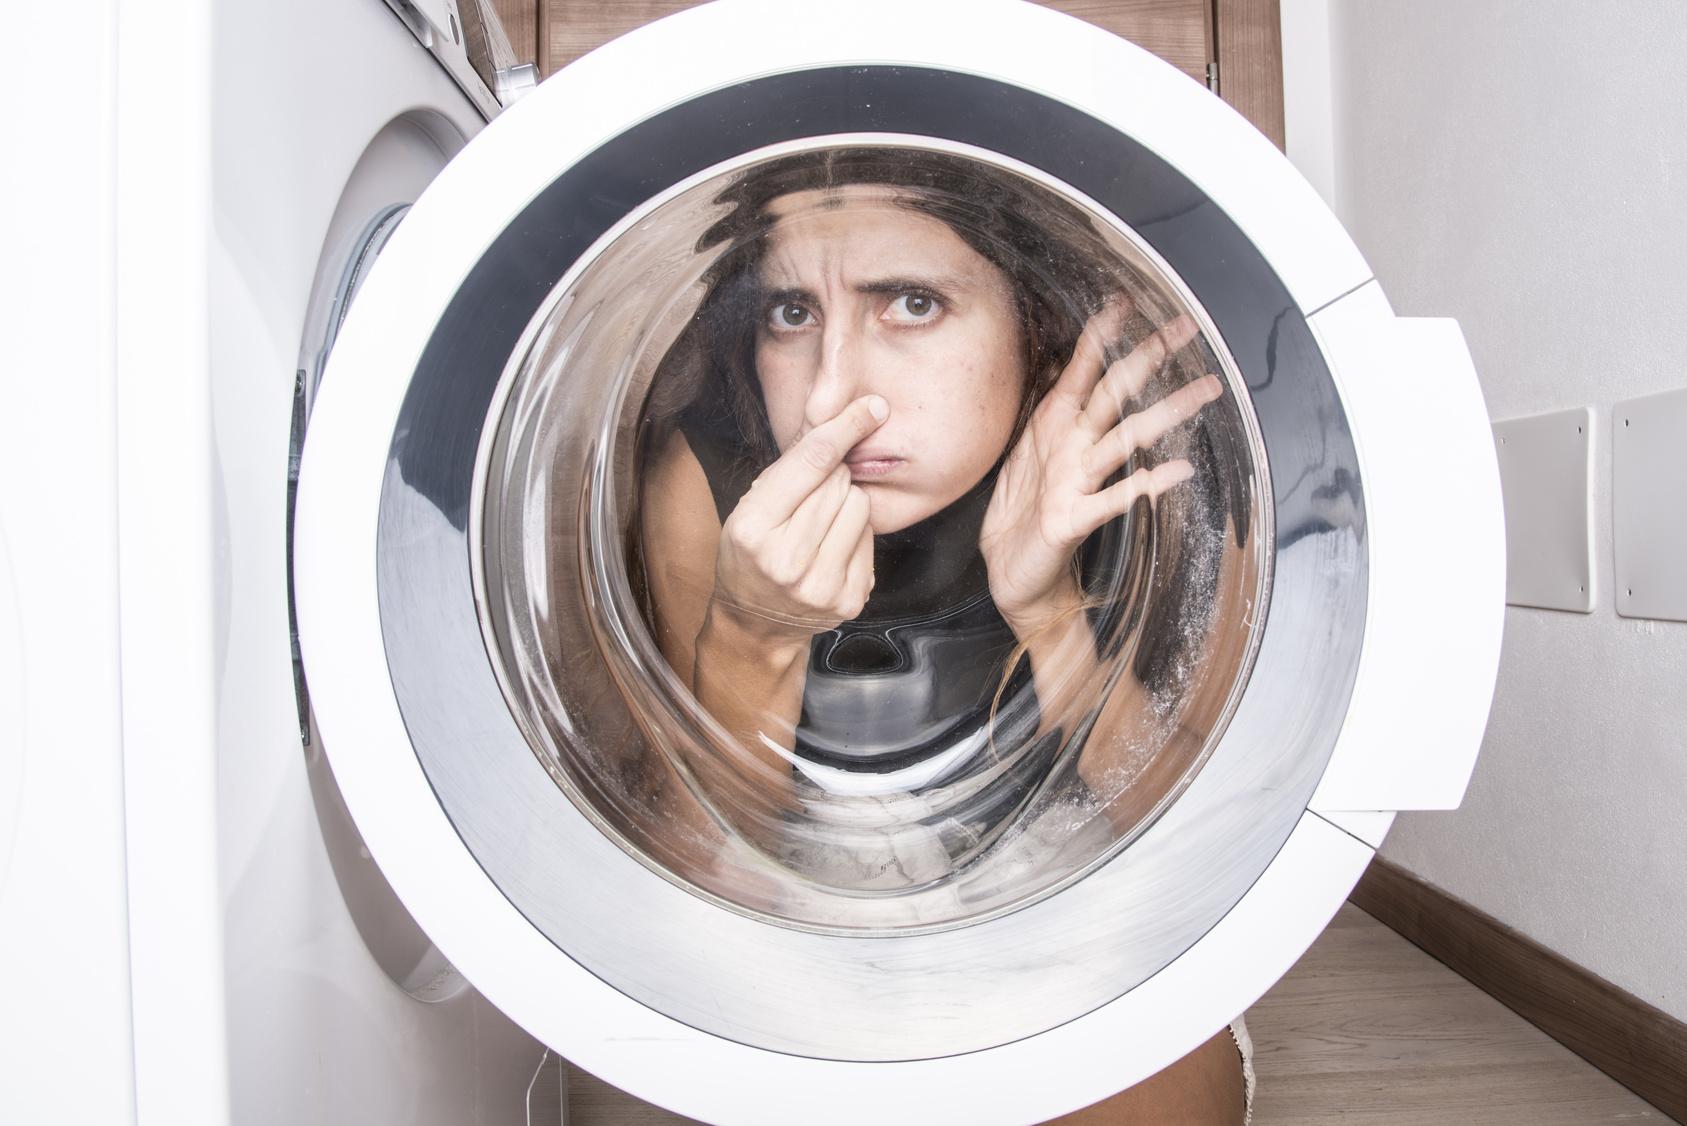 Tägliche toxische Belastung: 7 Inhaltsstoffe in Produkten, die Sie besser vermeiden sollten